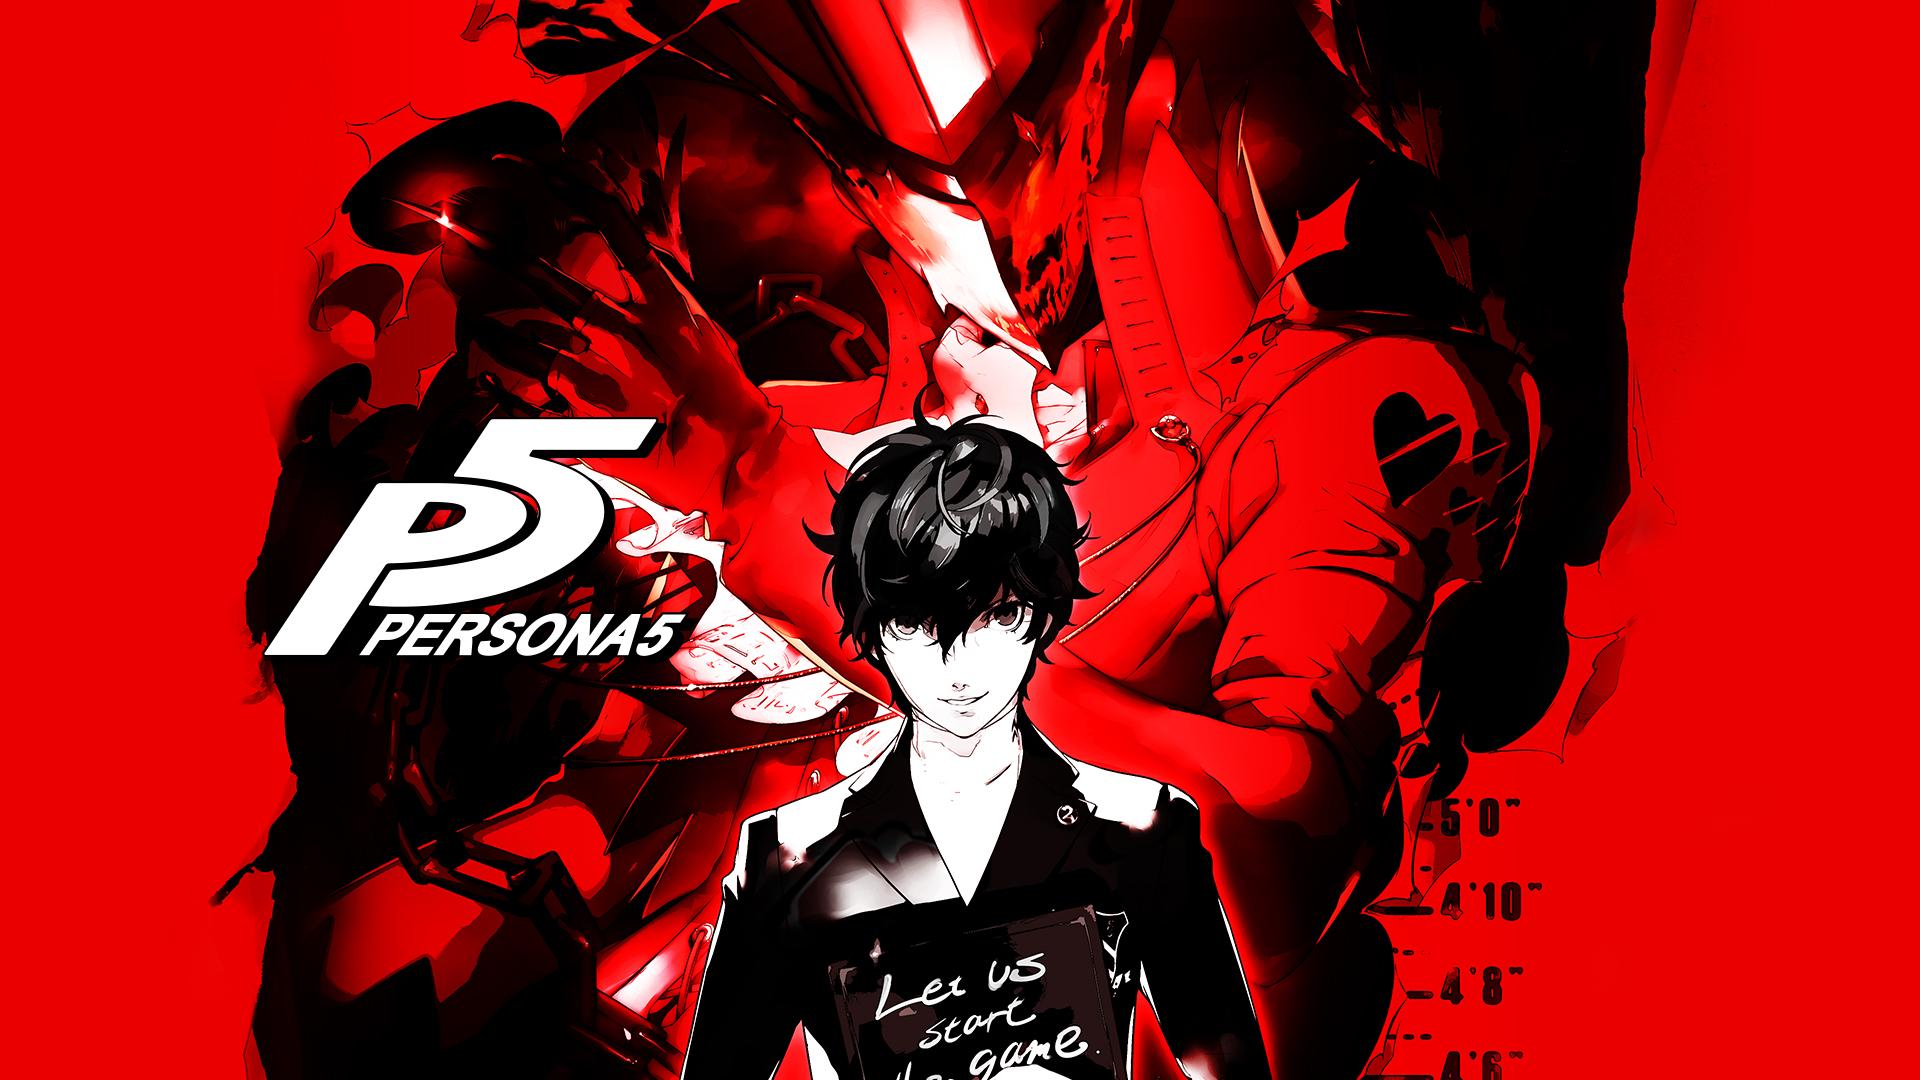 Persona 5 S